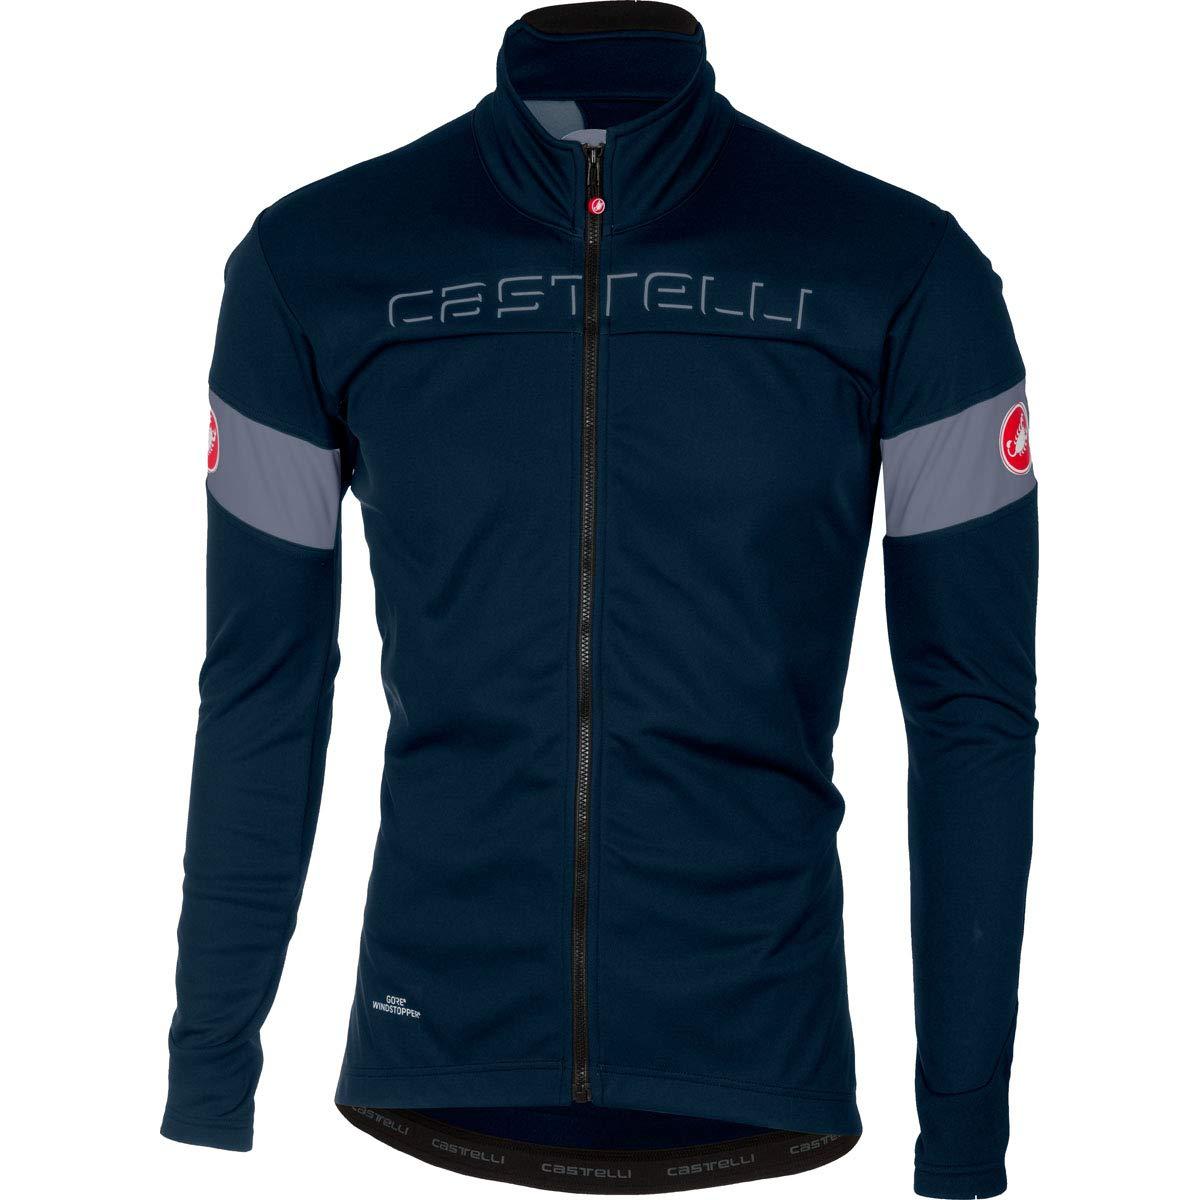 Castelli Mens Transition Jacket